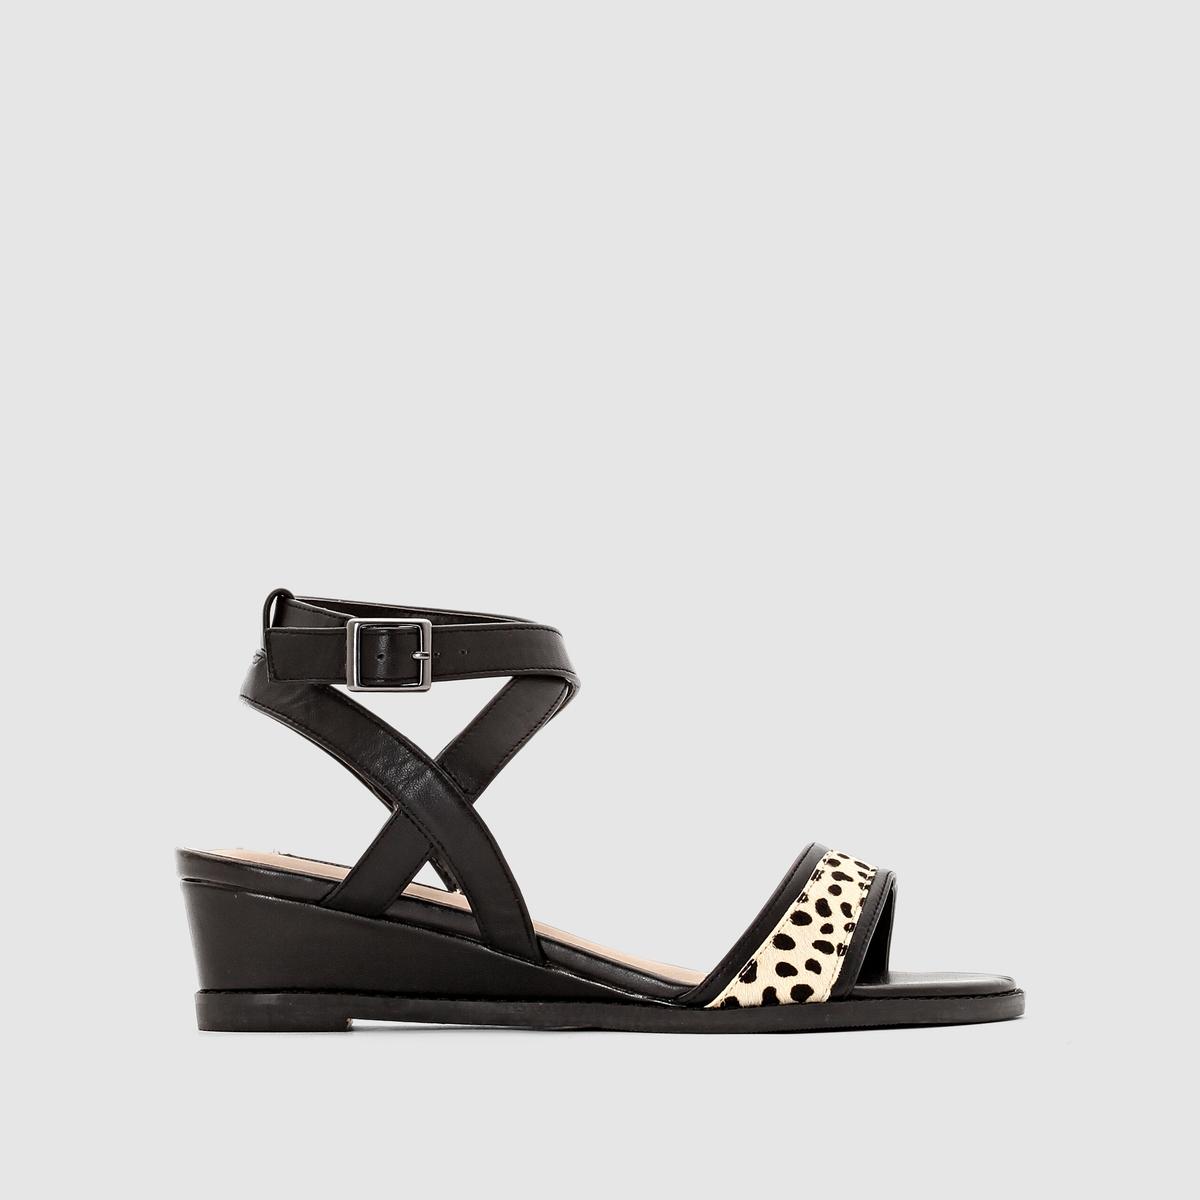 Туфли кожаныеПодкладка : кожа     Стелька : кожа     Подошва : из эластомера     Высота каблука : 4 см     Застежка : пряжка     Преимущества : замечательные туфли с оригинальным рисунком на подъеме и ремешками вокруг щиколотки.<br><br>Цвет: черный<br>Размер: 36.39